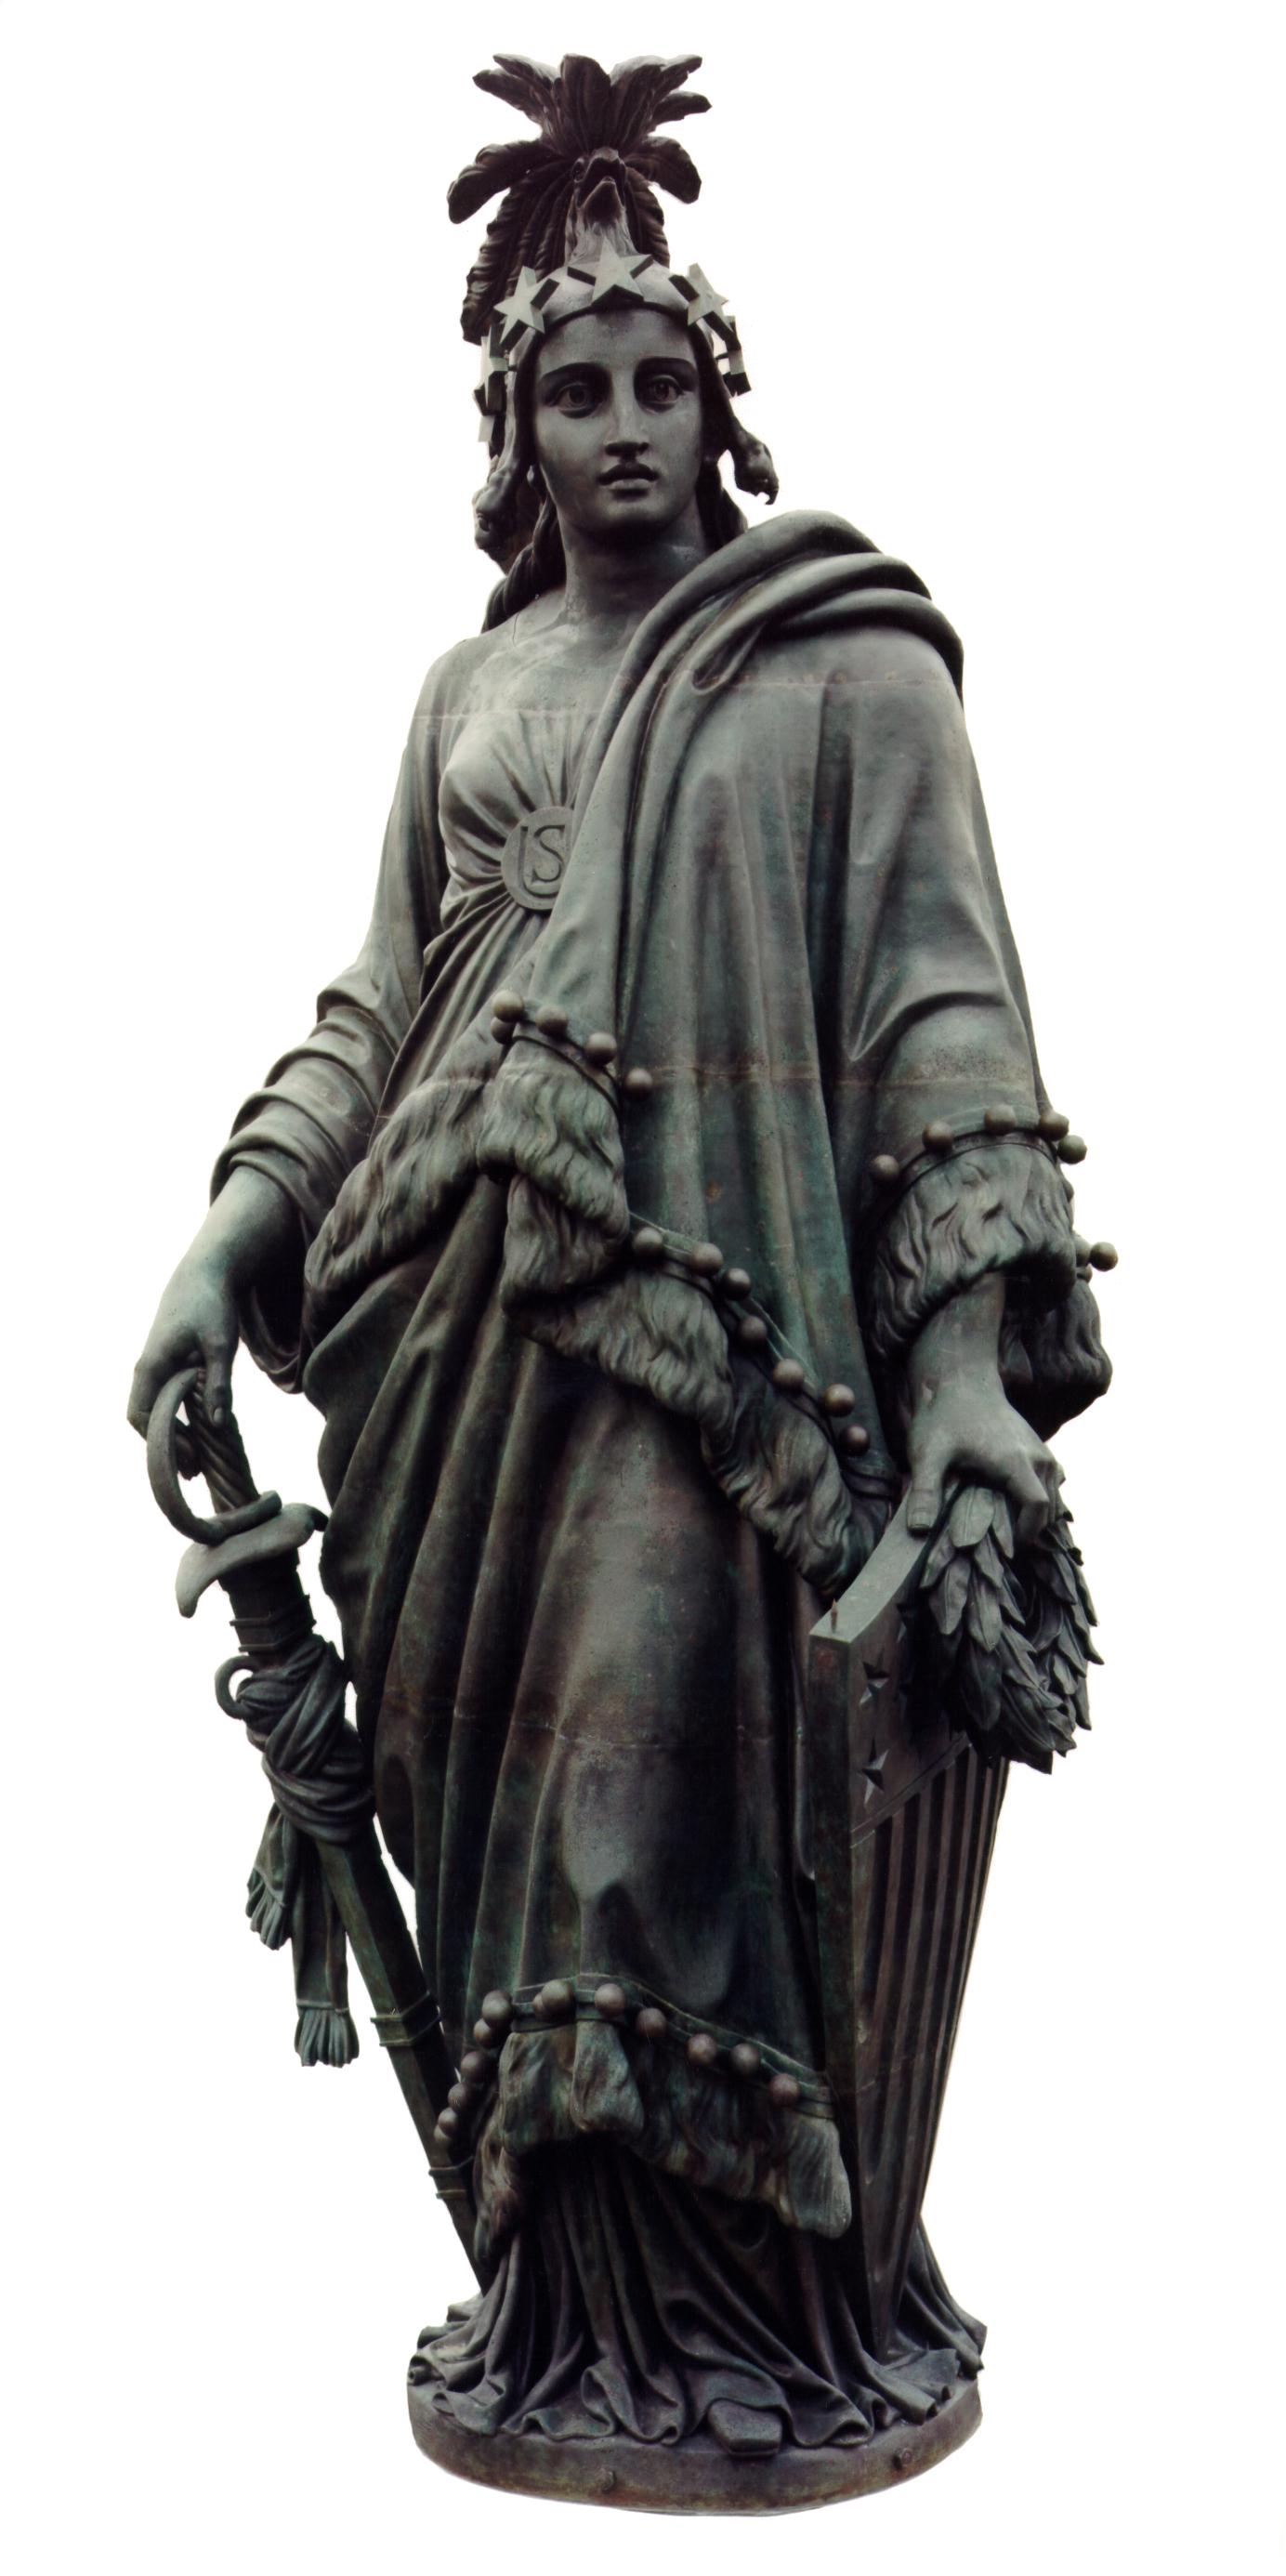 File:Freedom 1.jpg - Wikimedia Commons